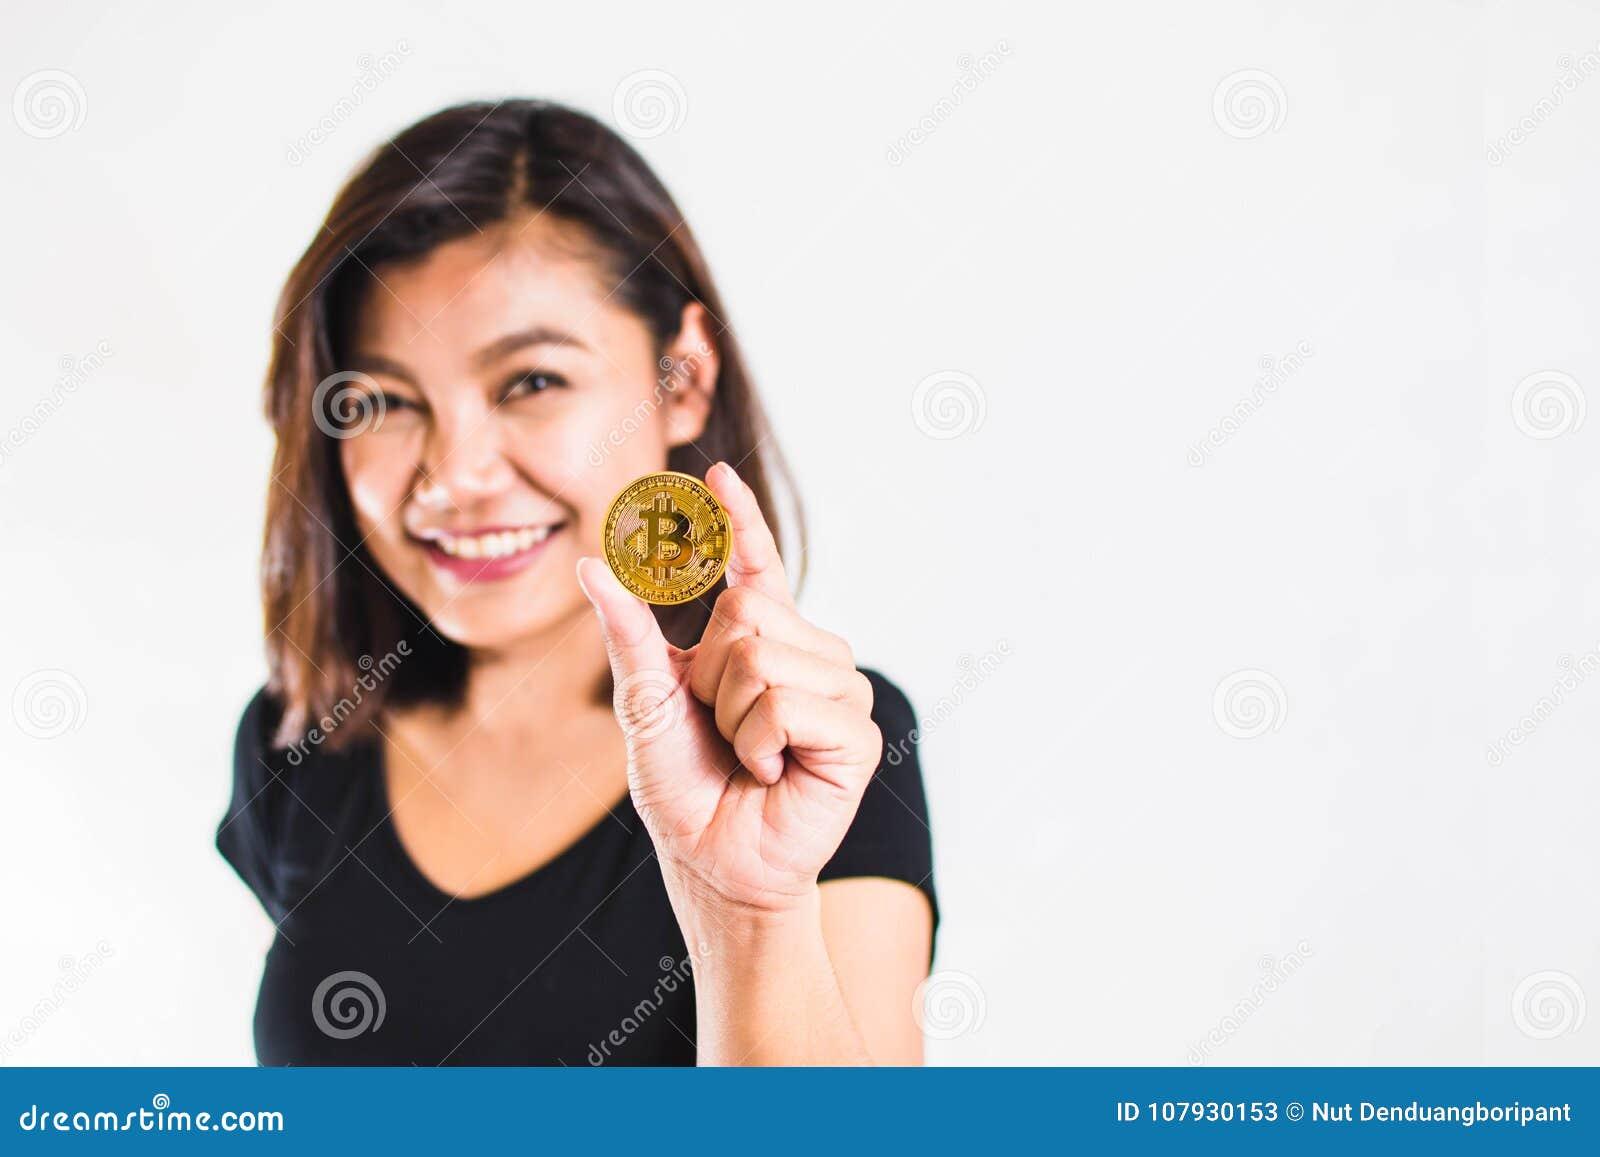 Woman Show Bitcoin